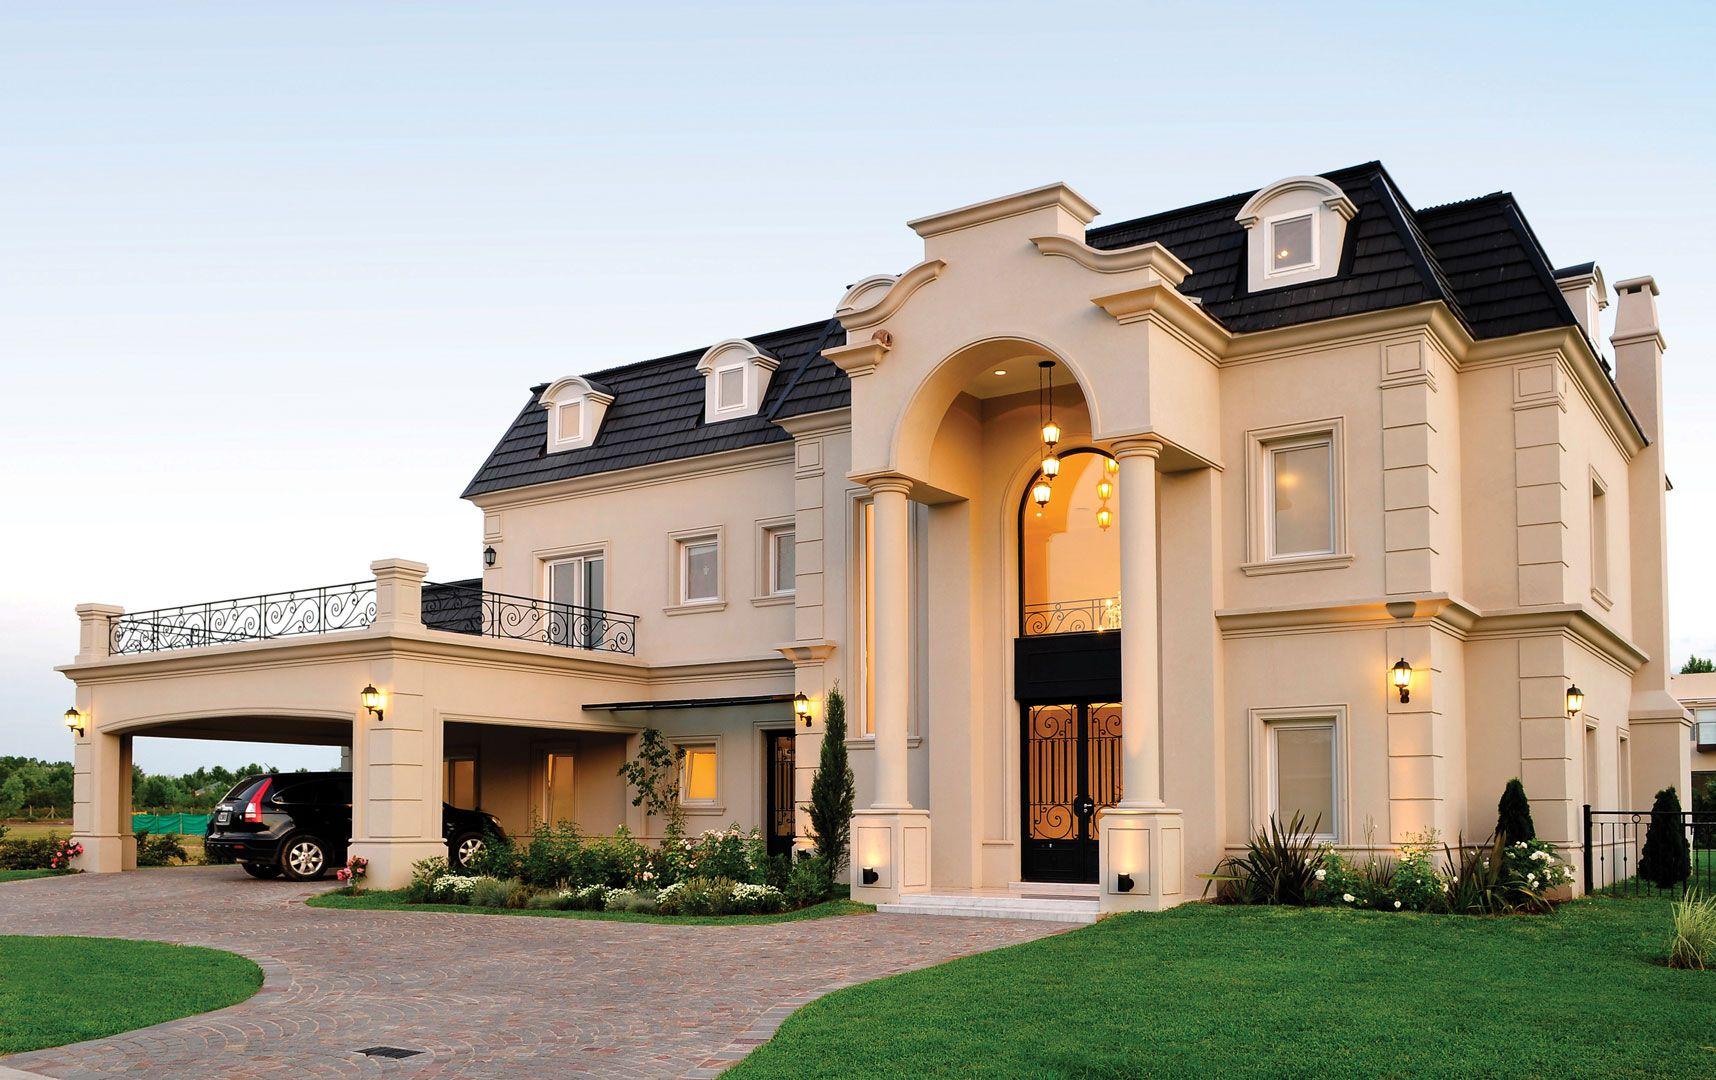 Fern ndez borda arquitectura portal house and exterior - Casas estilo frances ...